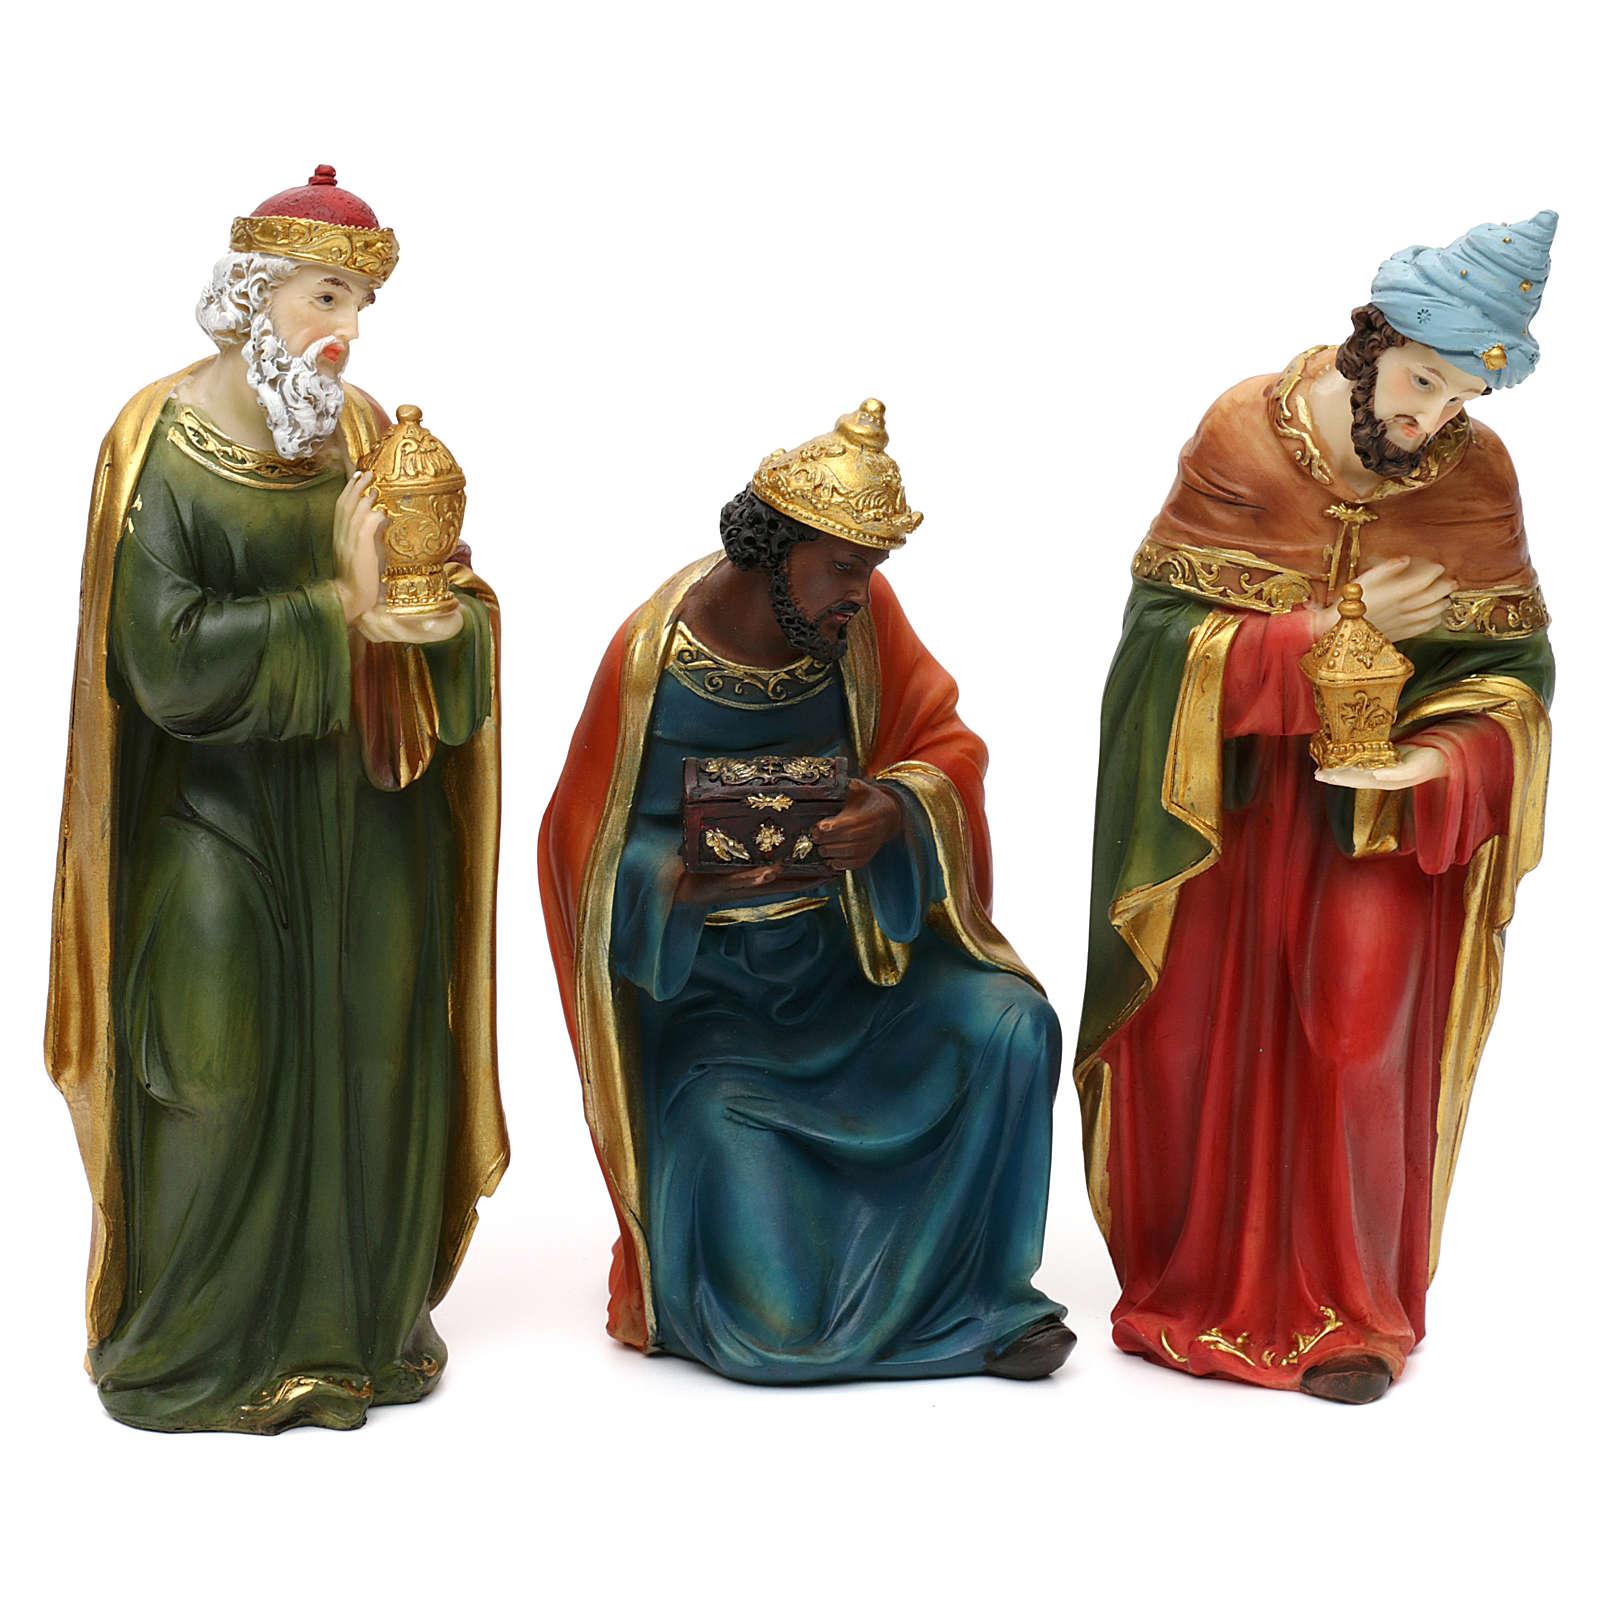 STOCK Presepe 20 cm resina 11 statue 4